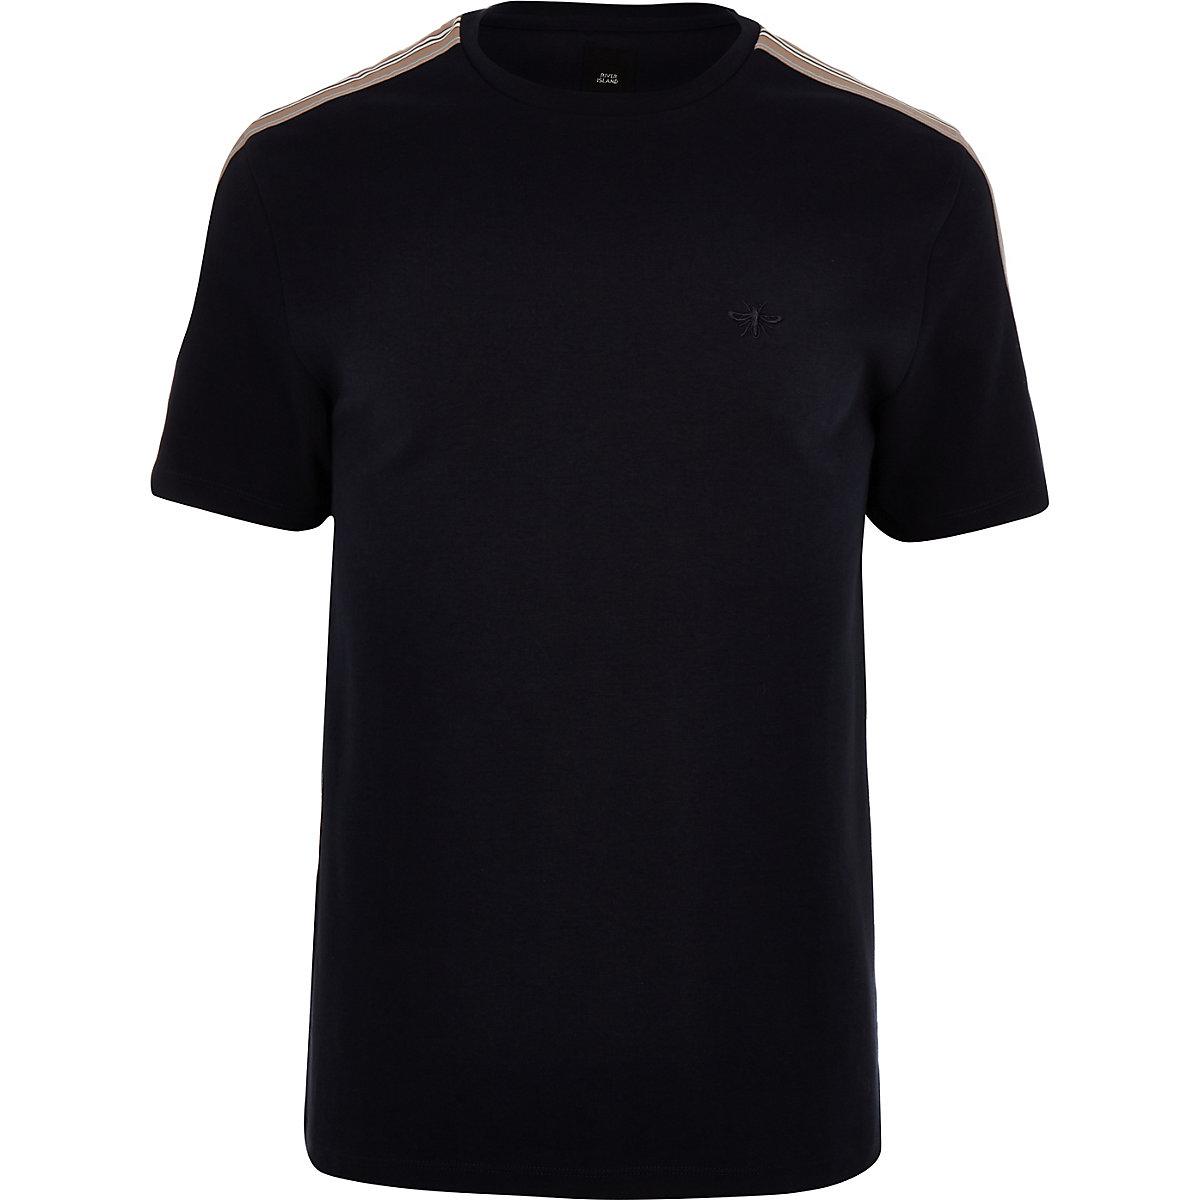 Big and Tall – T-shirt bleu marine ras-du-cou à bandes latérales